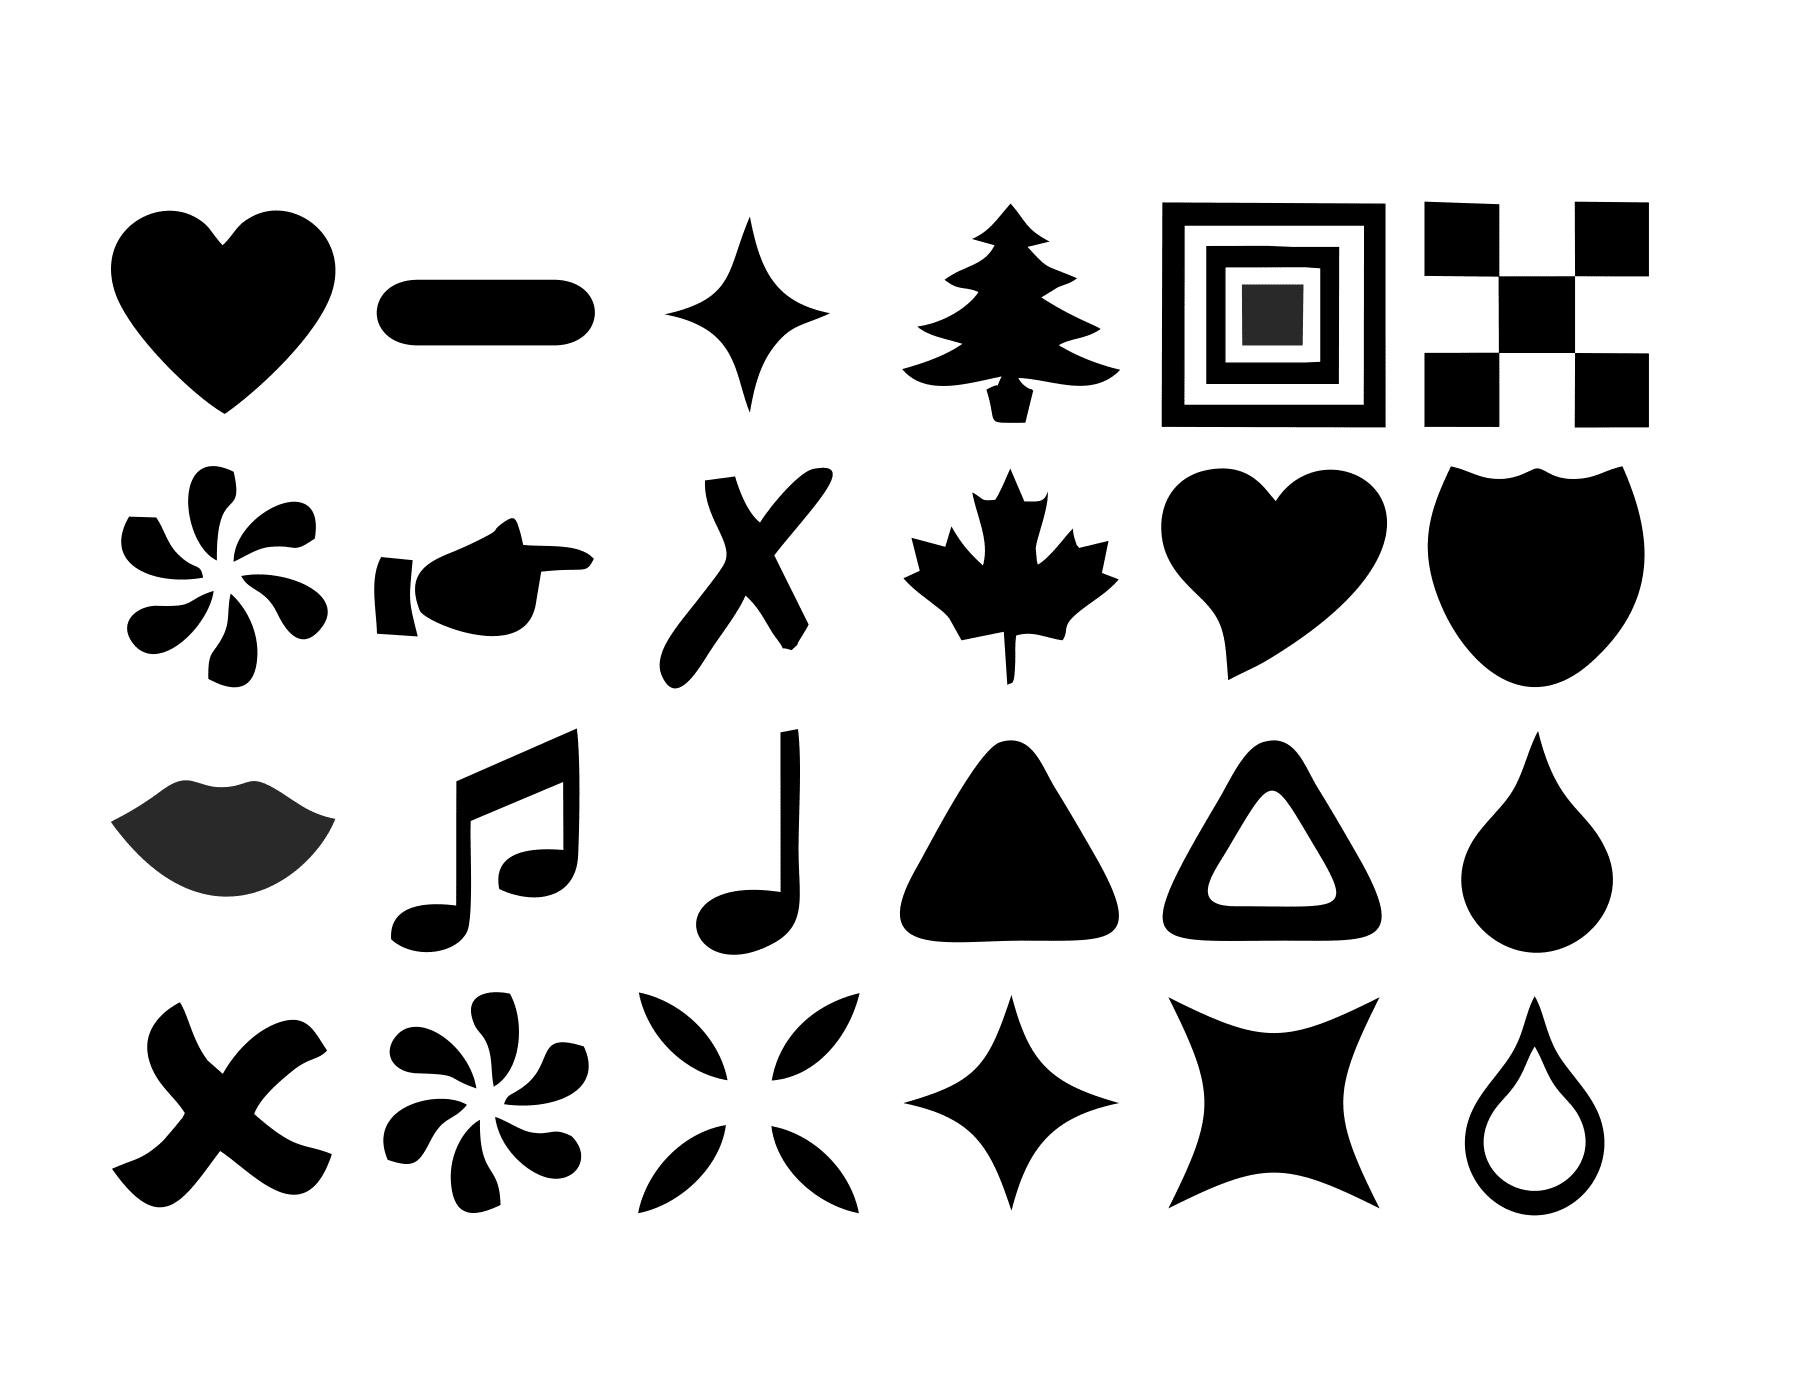 Free Basic Symbol Shapes For Photoshop